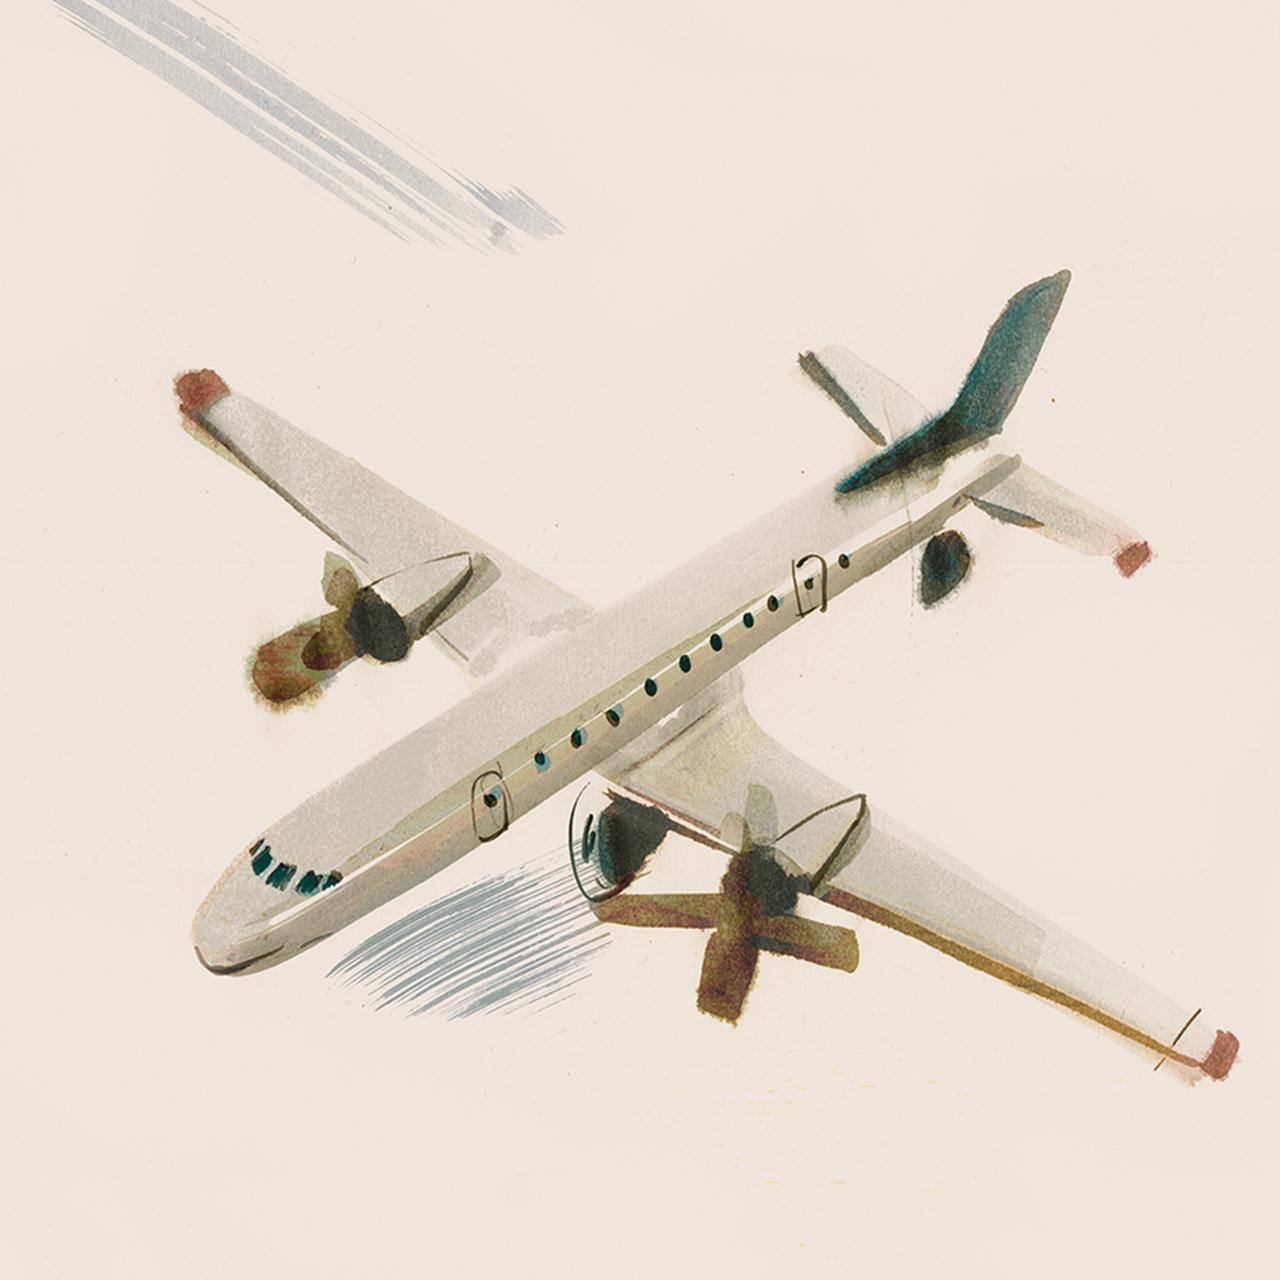 Images : 金属製プロペラエンジン旅客機/1950年代